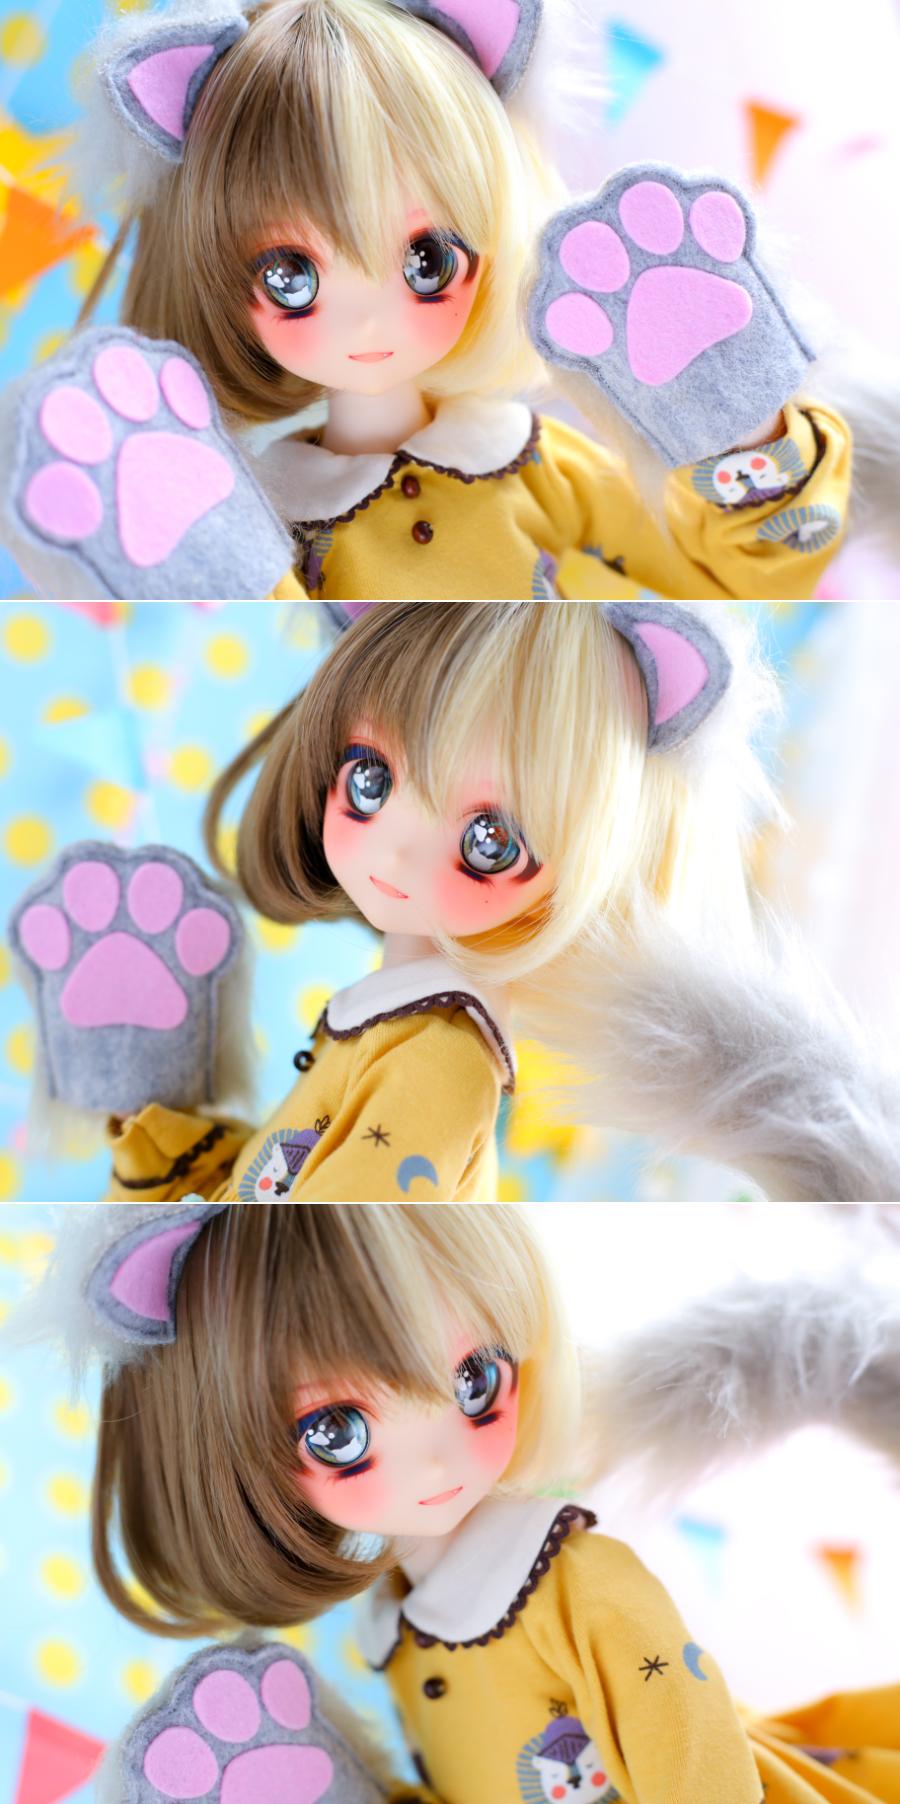 ヤフオク054DWC-01三毛猫ちゃんまとめ01